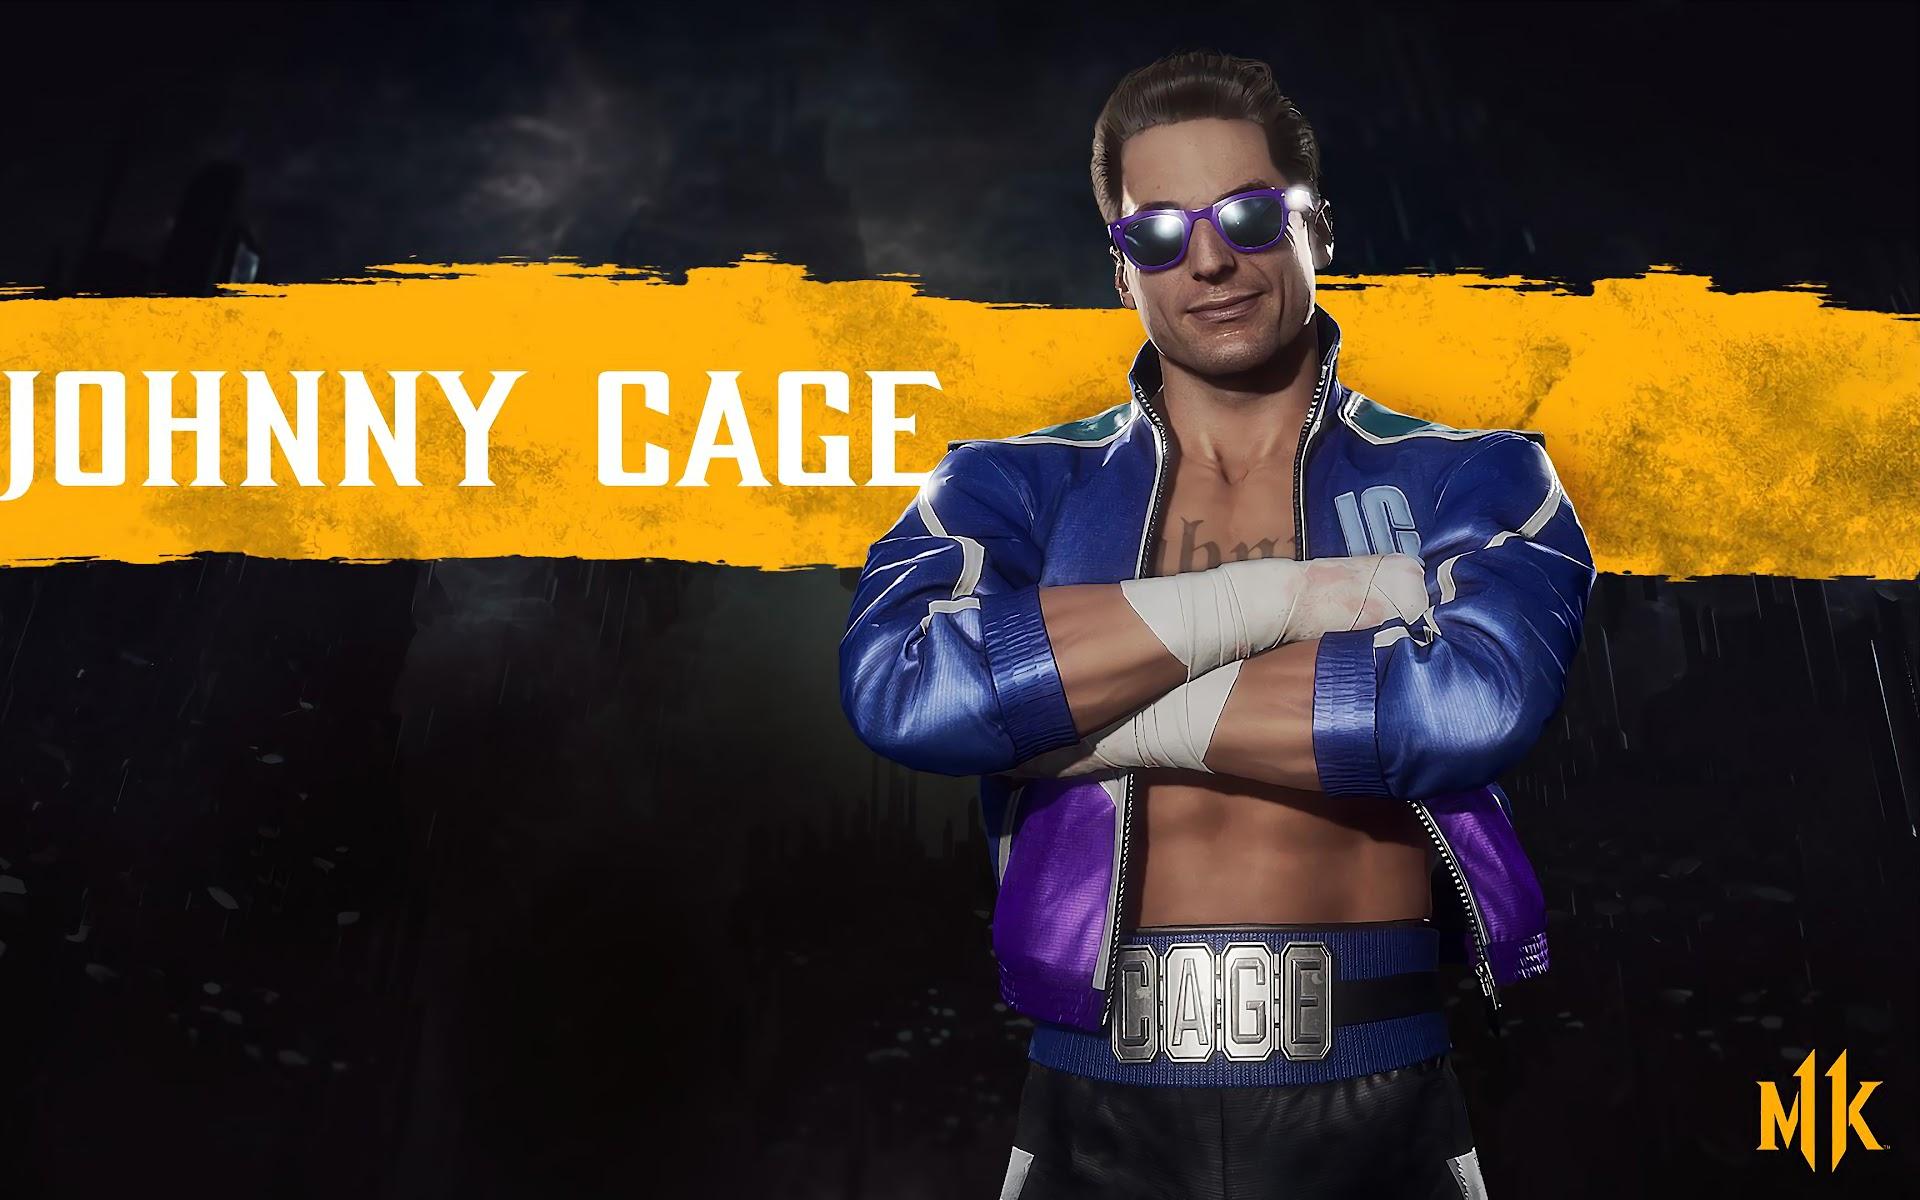 Johnny Cage, Mortal Kombat 11, 4K, #30 Wallpaper